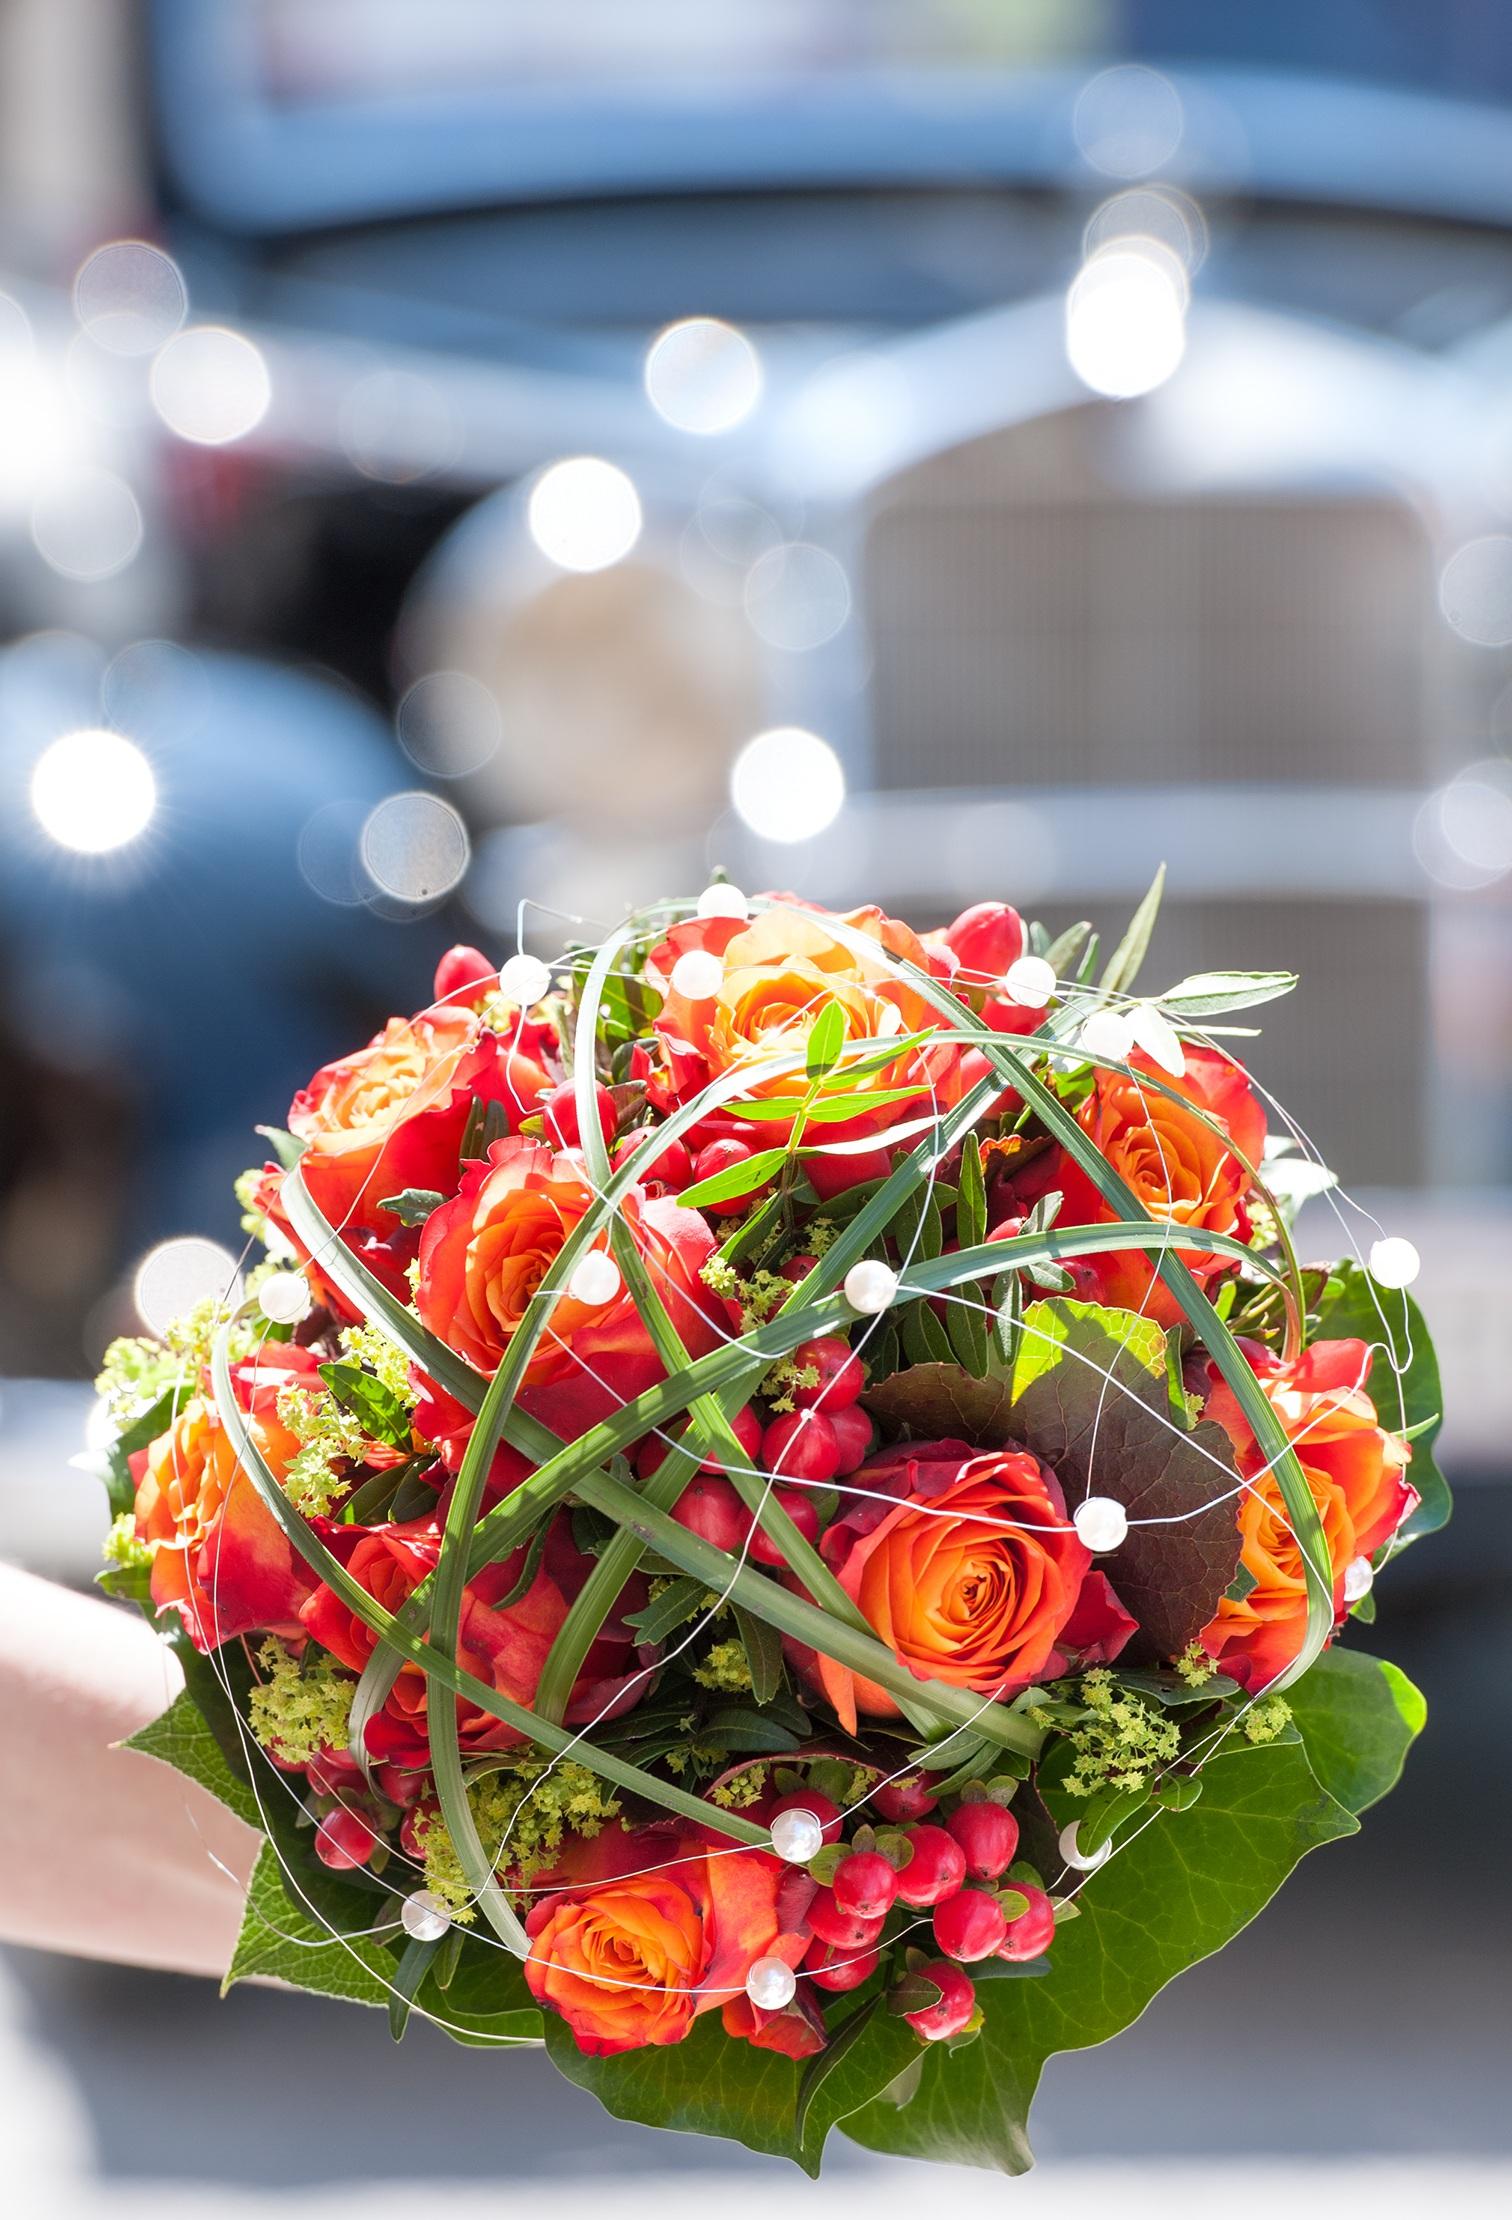 Kostenlose Foto Blumen Brautstrauss Hochzeitsstrauss Rosenstrauss